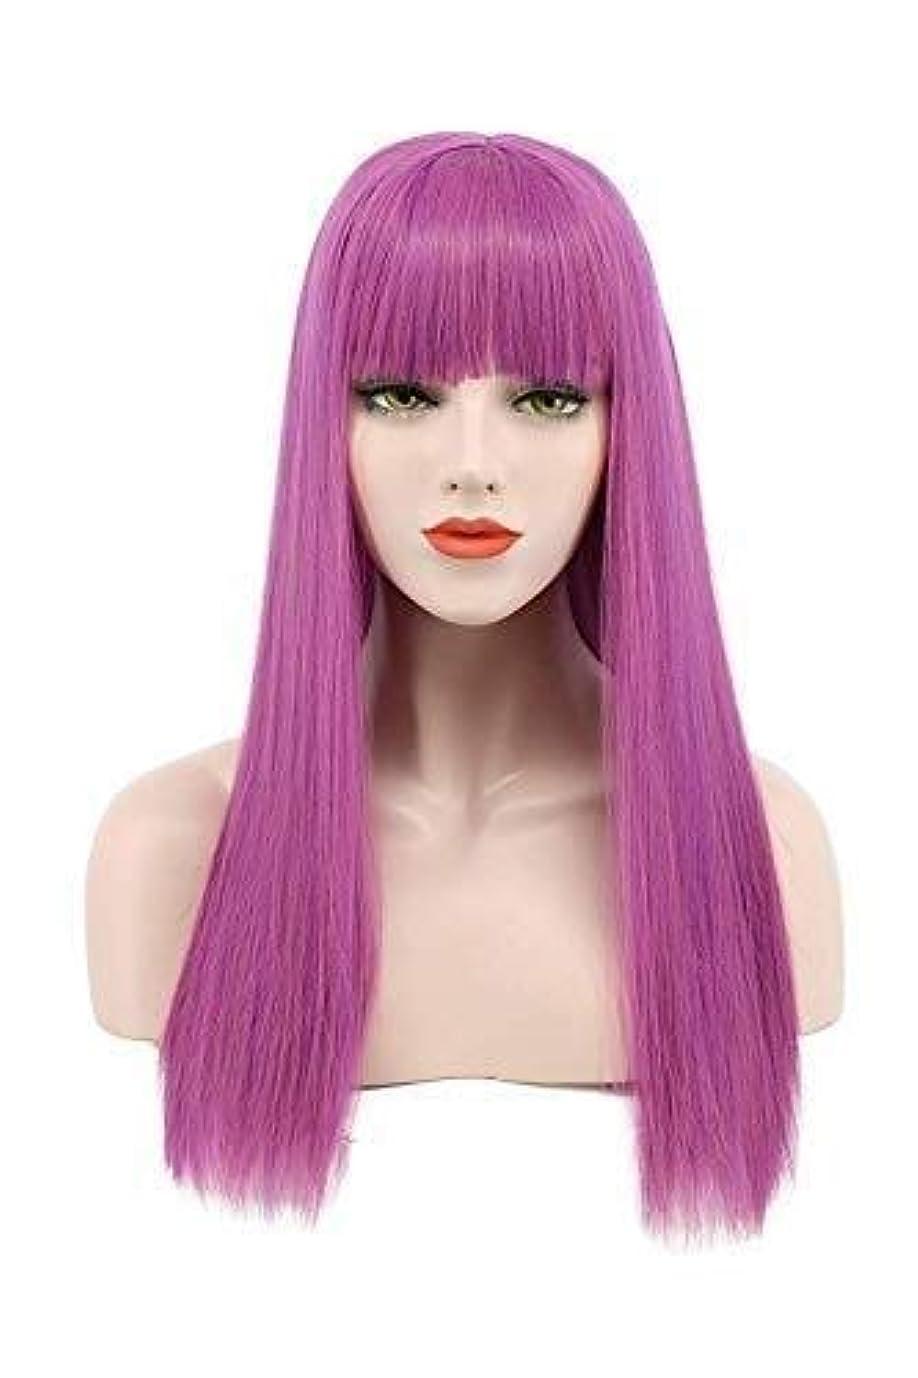 衰える口述暗殺者BeTTi ロングストレート紫色のかつらコスプレパーティーかつらセクシーな女性フルかつらナチュラルカラー耐熱安いパーティーのためのかつら日常的なドレス高密度